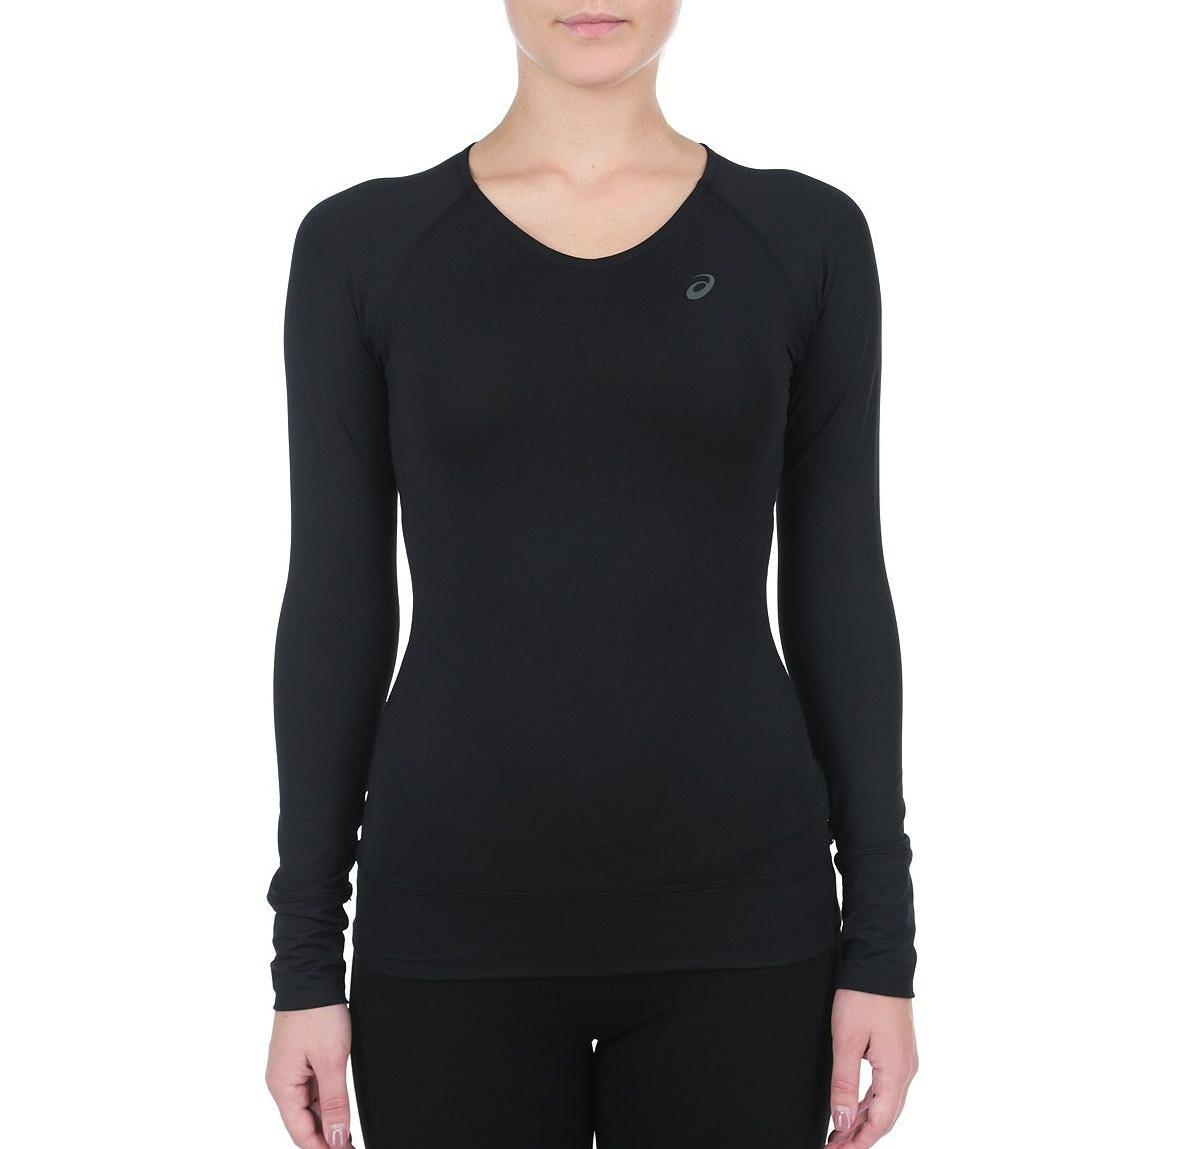 Женская футболка с длинным рукавом Asics Long Sleeve Tee (124668 0904) фото